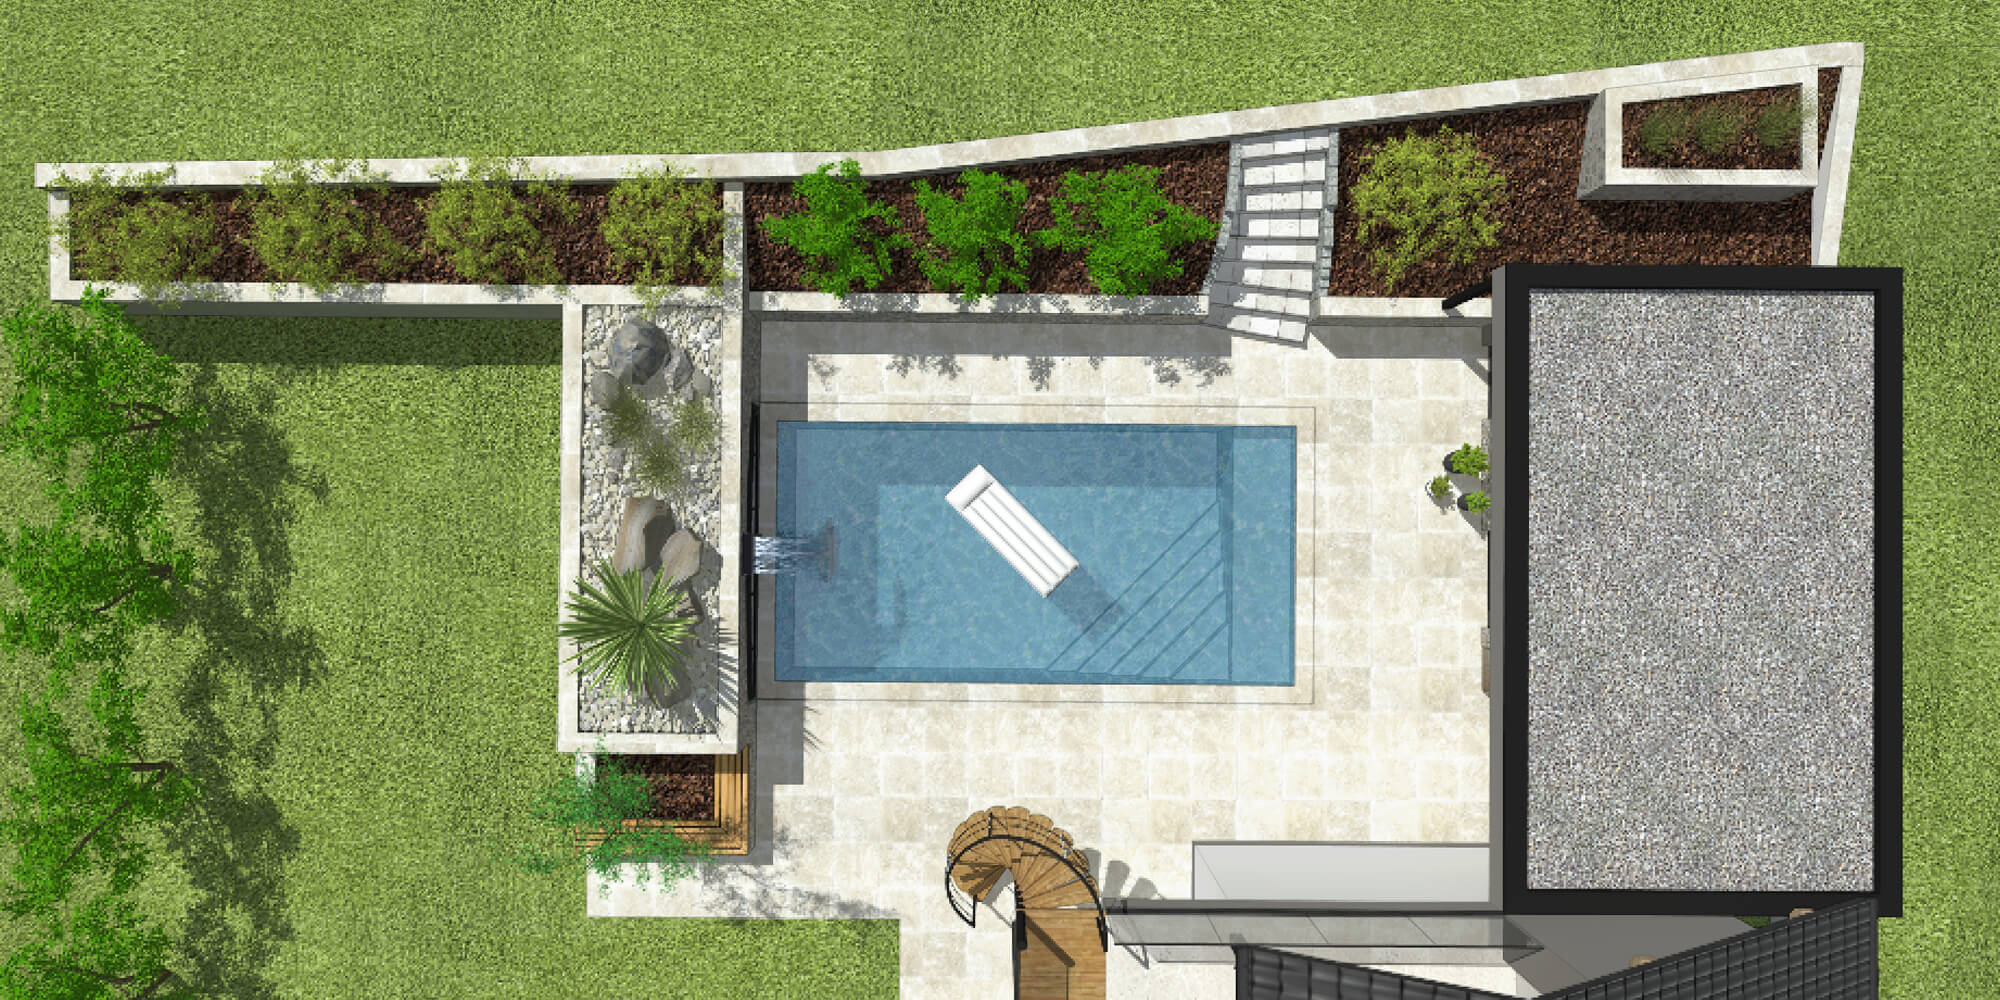 Cre-Plan-Design-Rauch-Frühmann-Architektur-Innenarchitektur-Design-Projekt-Referenz-Rund-ums-Haus-Swimmingpool-4